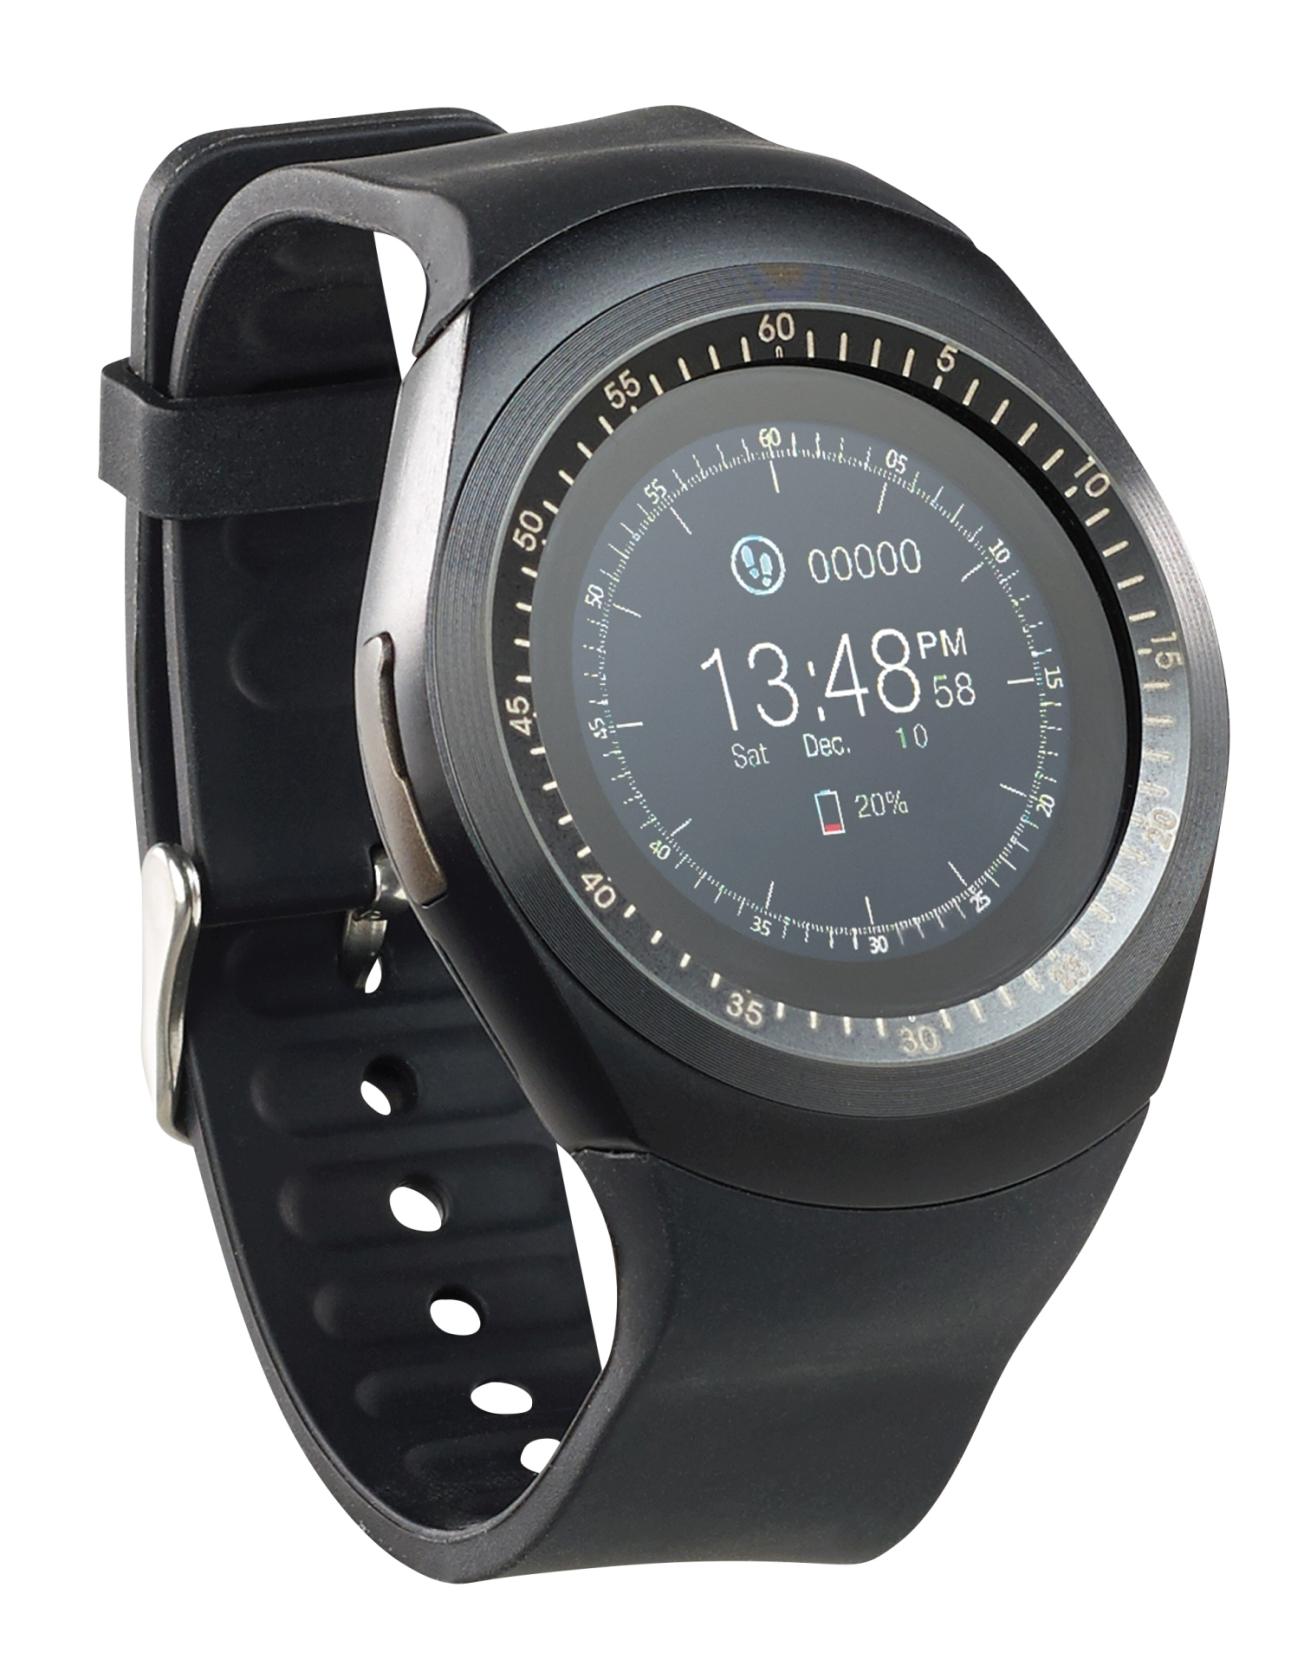 simvalley MOBILE 2in1-Handyuhr und Smartwatch PW-410